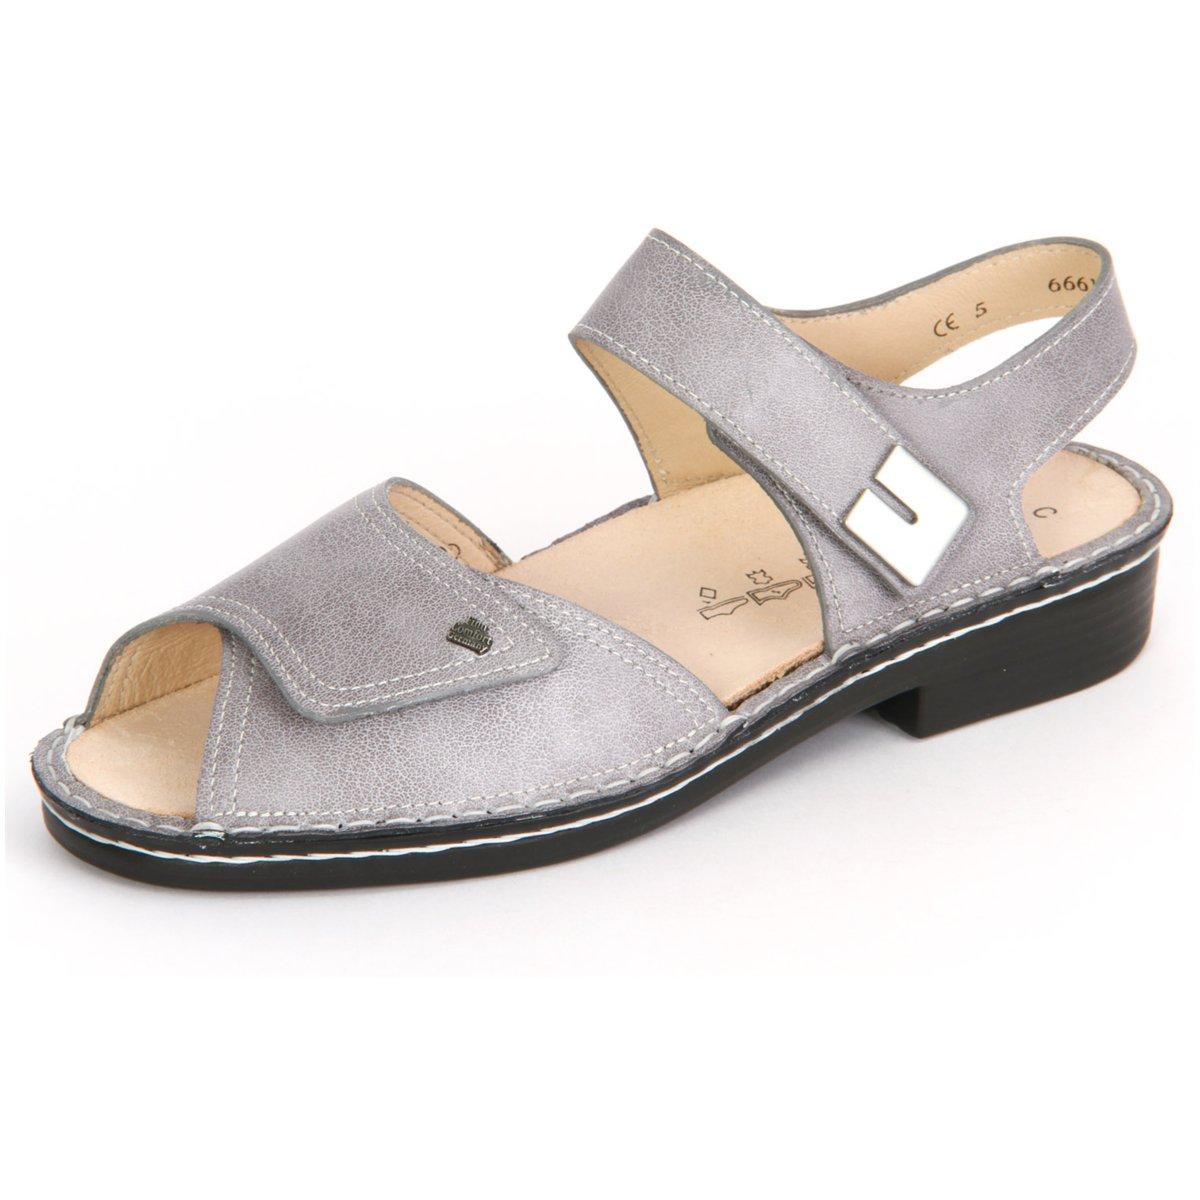 NEU FinnComfort 02408-503150 Damen Sandaletten Luxor 02408-503150 FinnComfort stone Monroe 02408-503150 532a0a